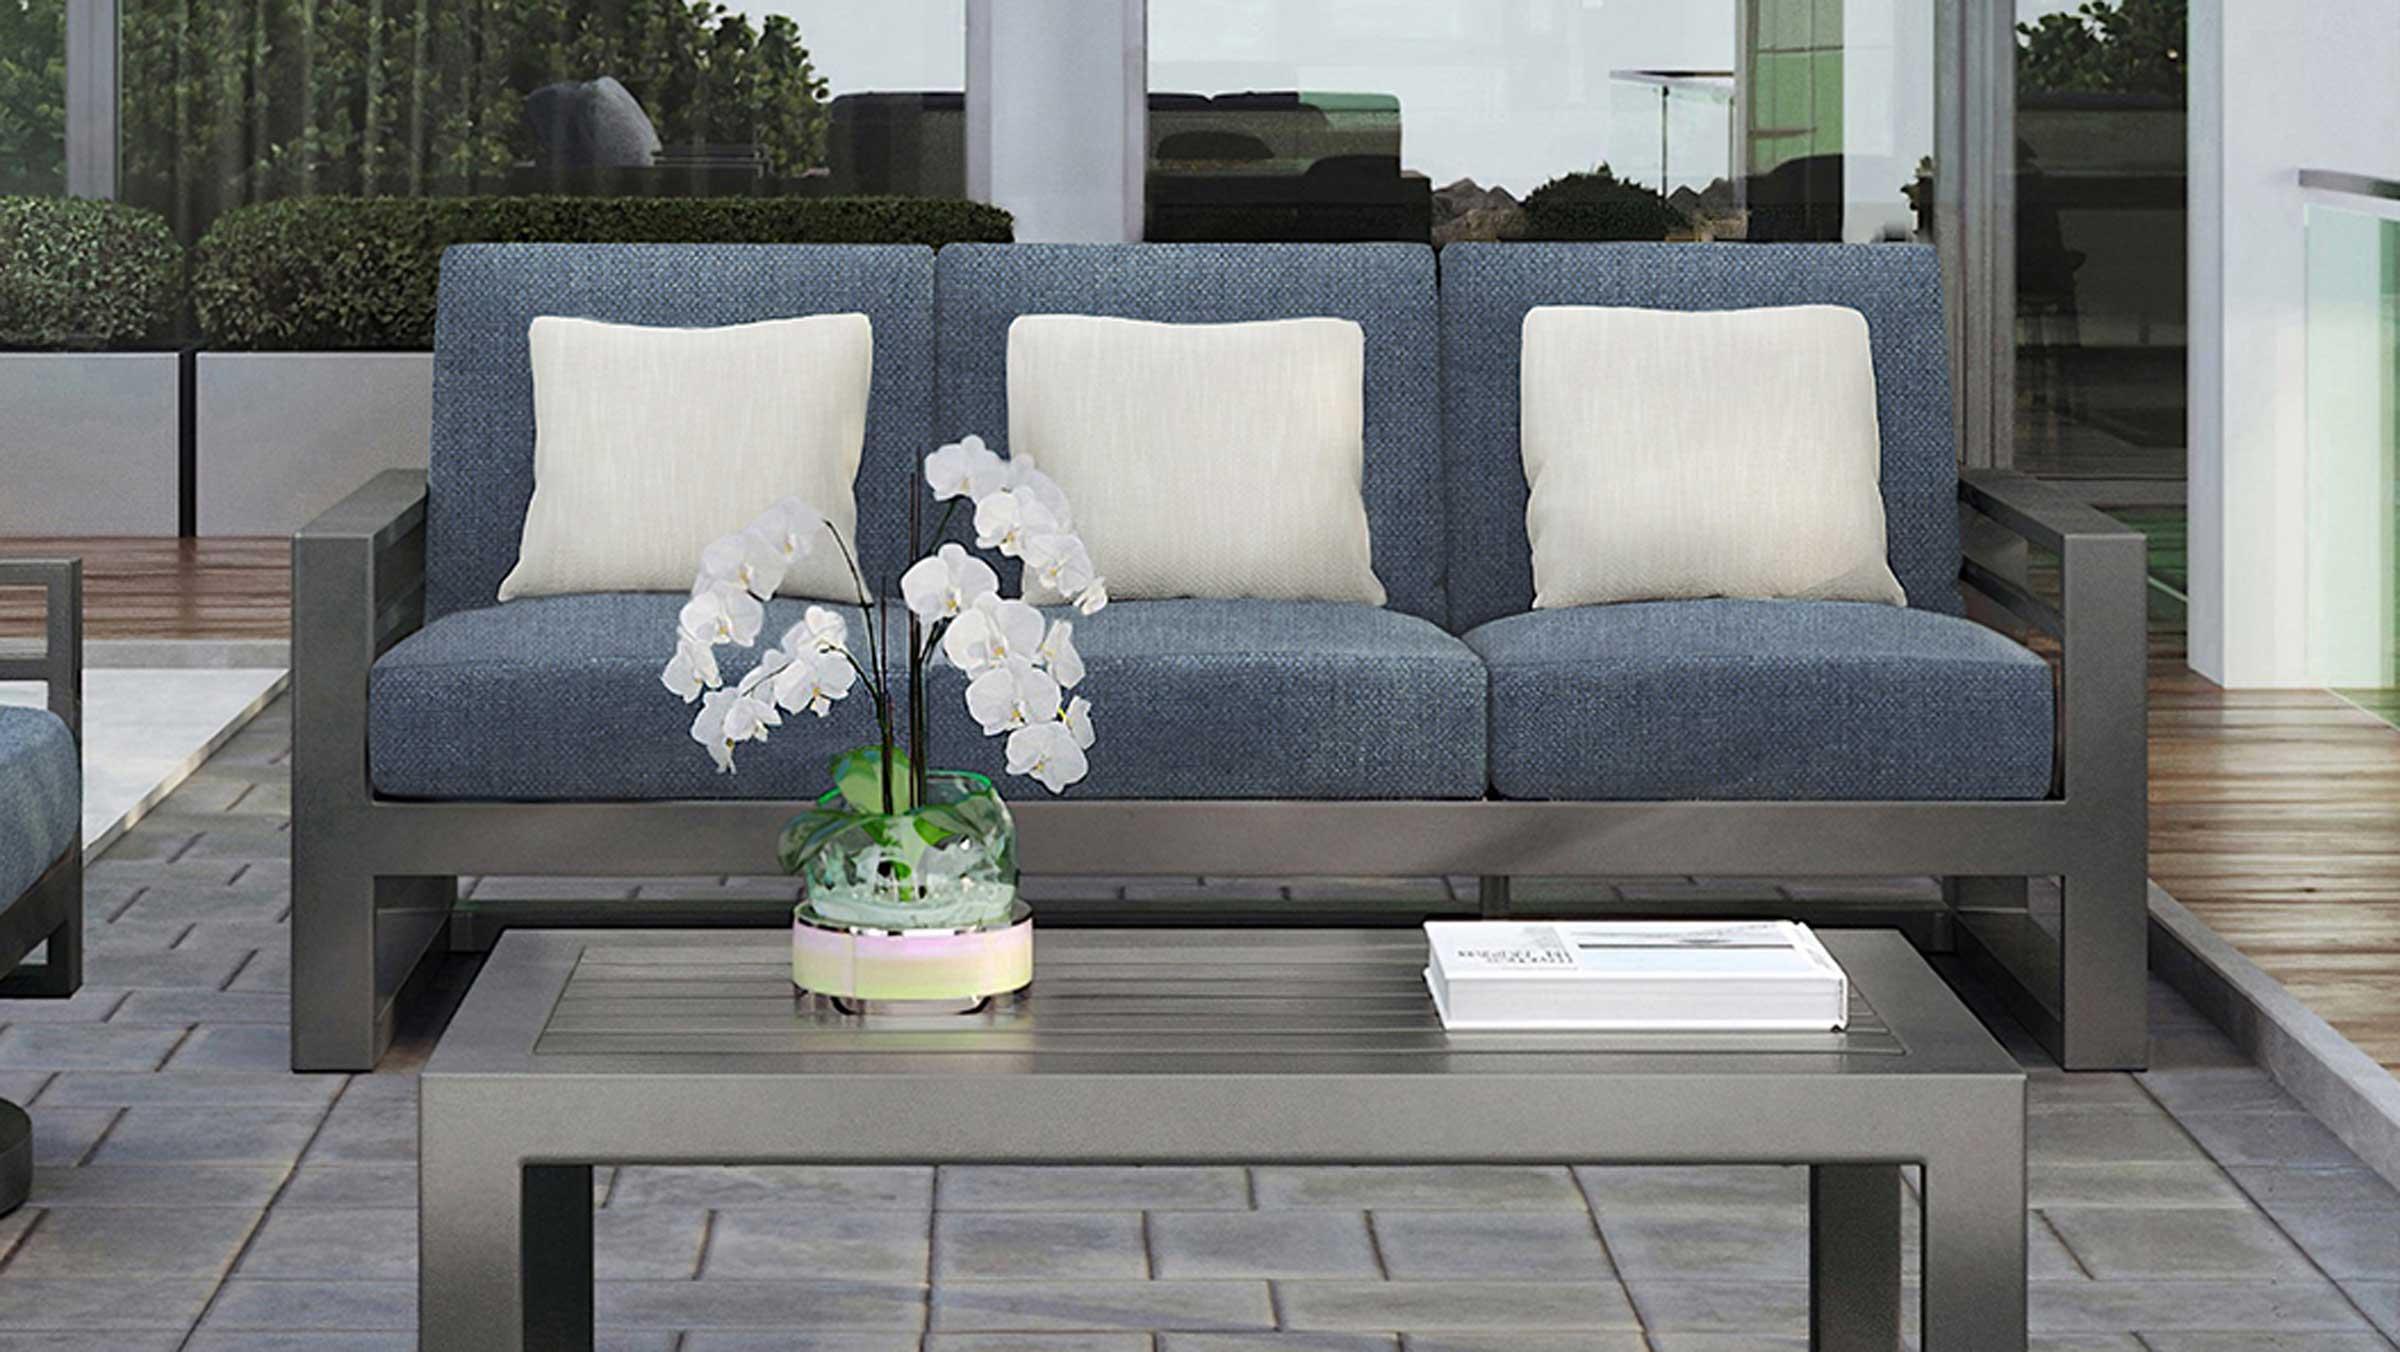 ebel outdoor furniture outdoor blog